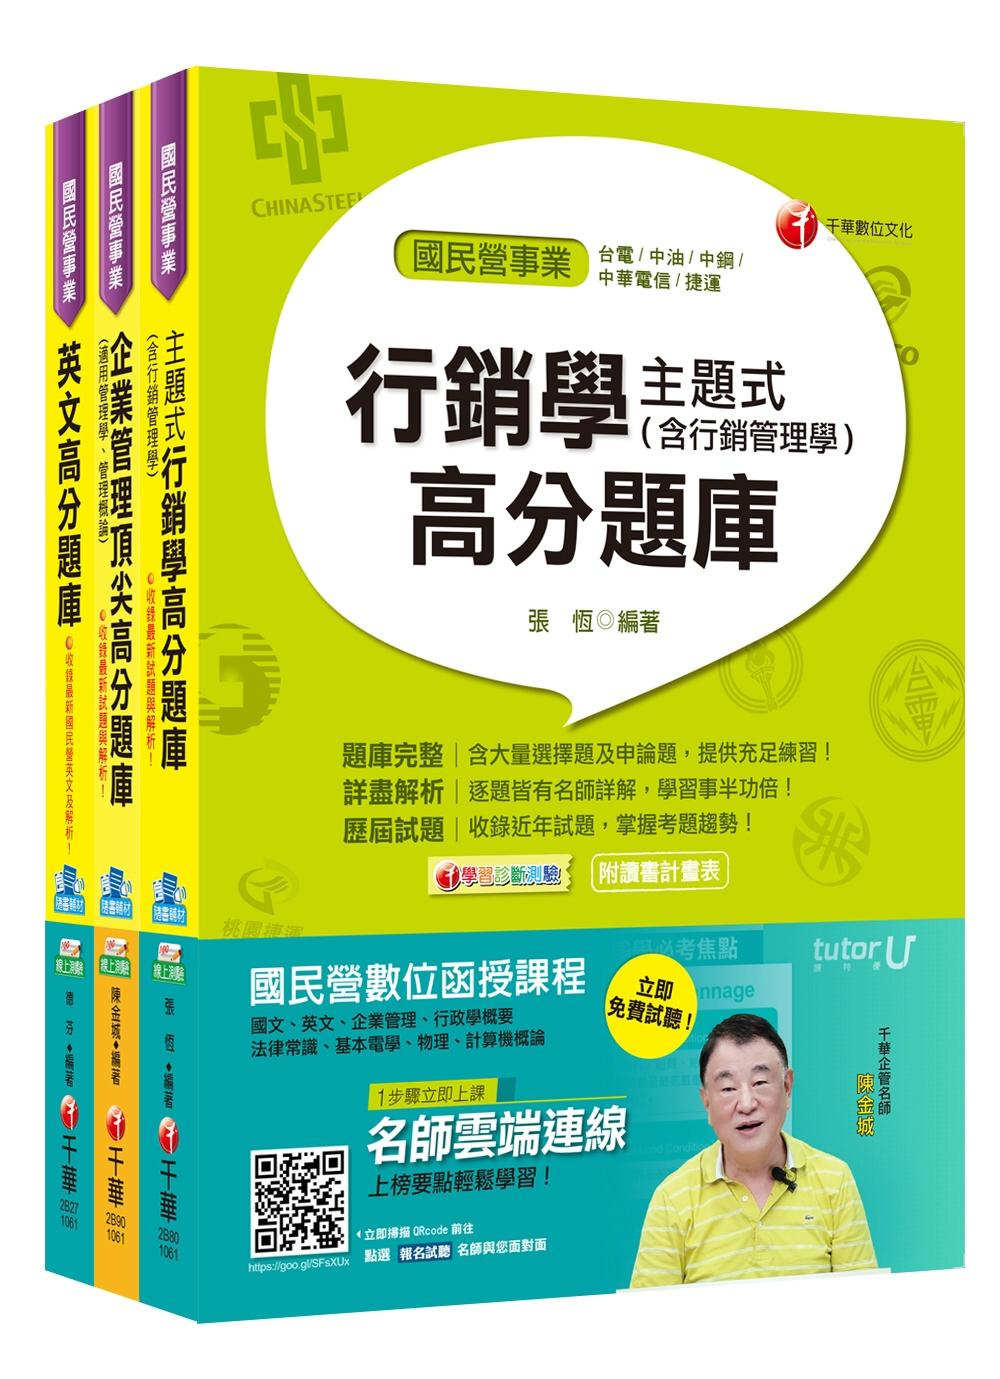 106年中華電信從業人員(基層專員)招考《業務類專業職(四)第一類專員 K8811-12》題庫版套書